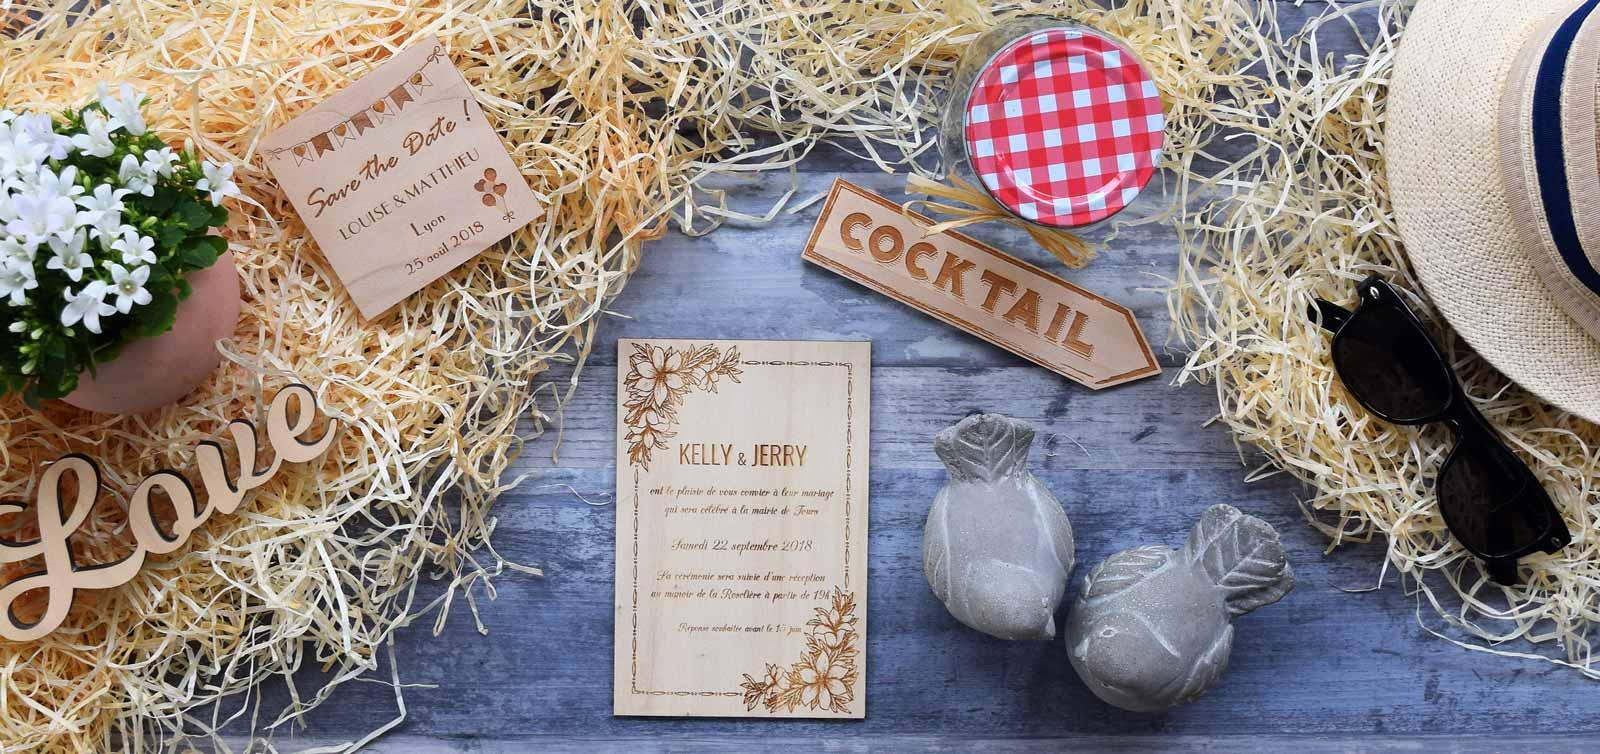 Faire part de mariage grave sur bois dans le style champetre chic